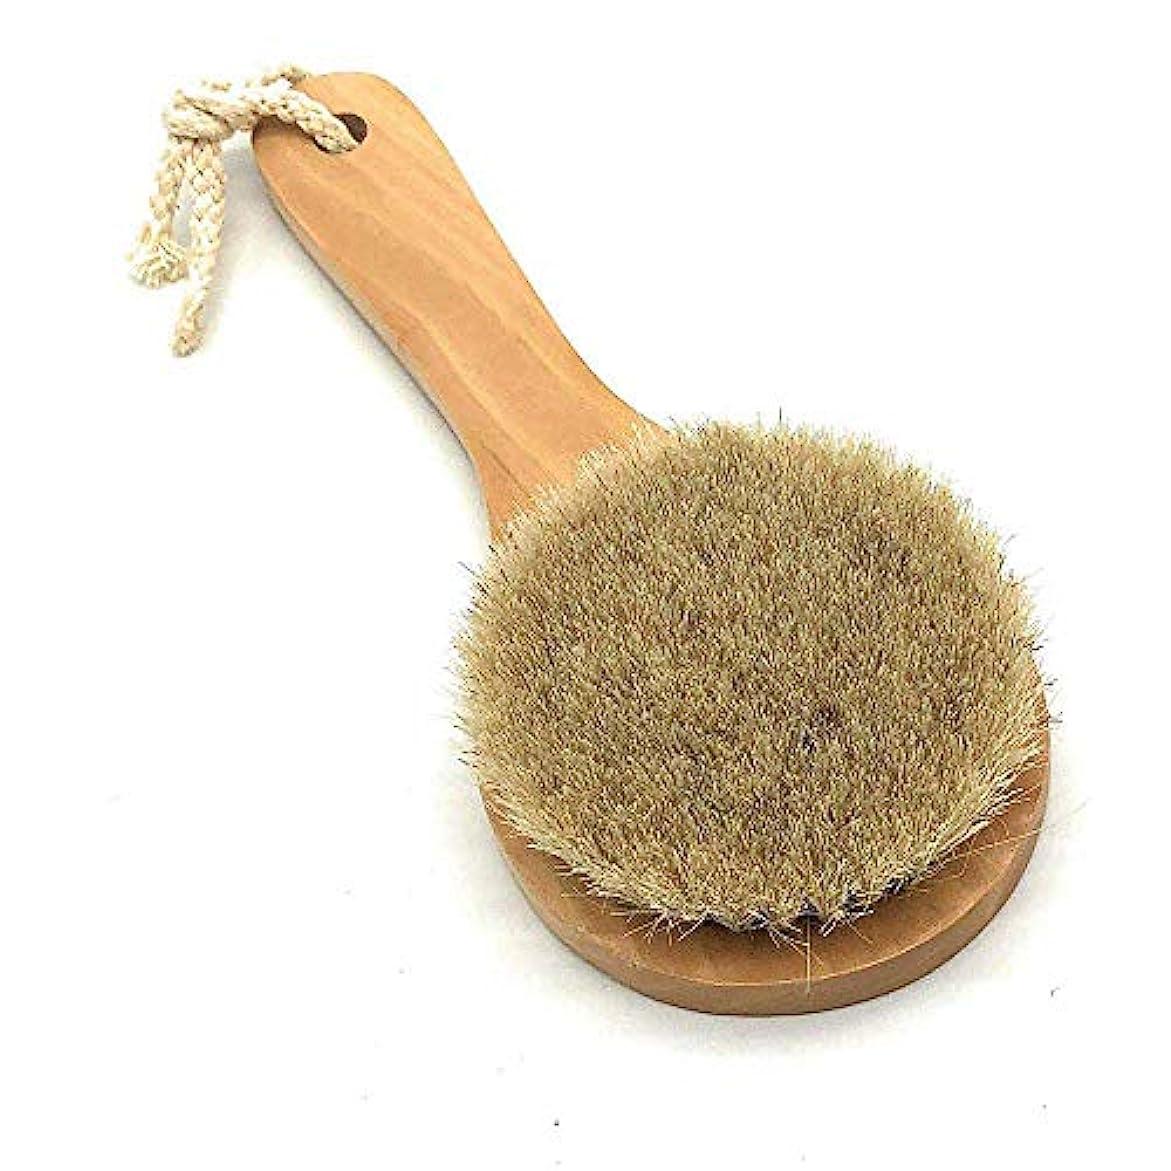 どこにもテストセクション馬毛ボディブラシ 木製 短柄 足を洗う お風呂用 体洗い 女性 角質除去 柔らかい 美肌 (馬毛ボディブラシ)